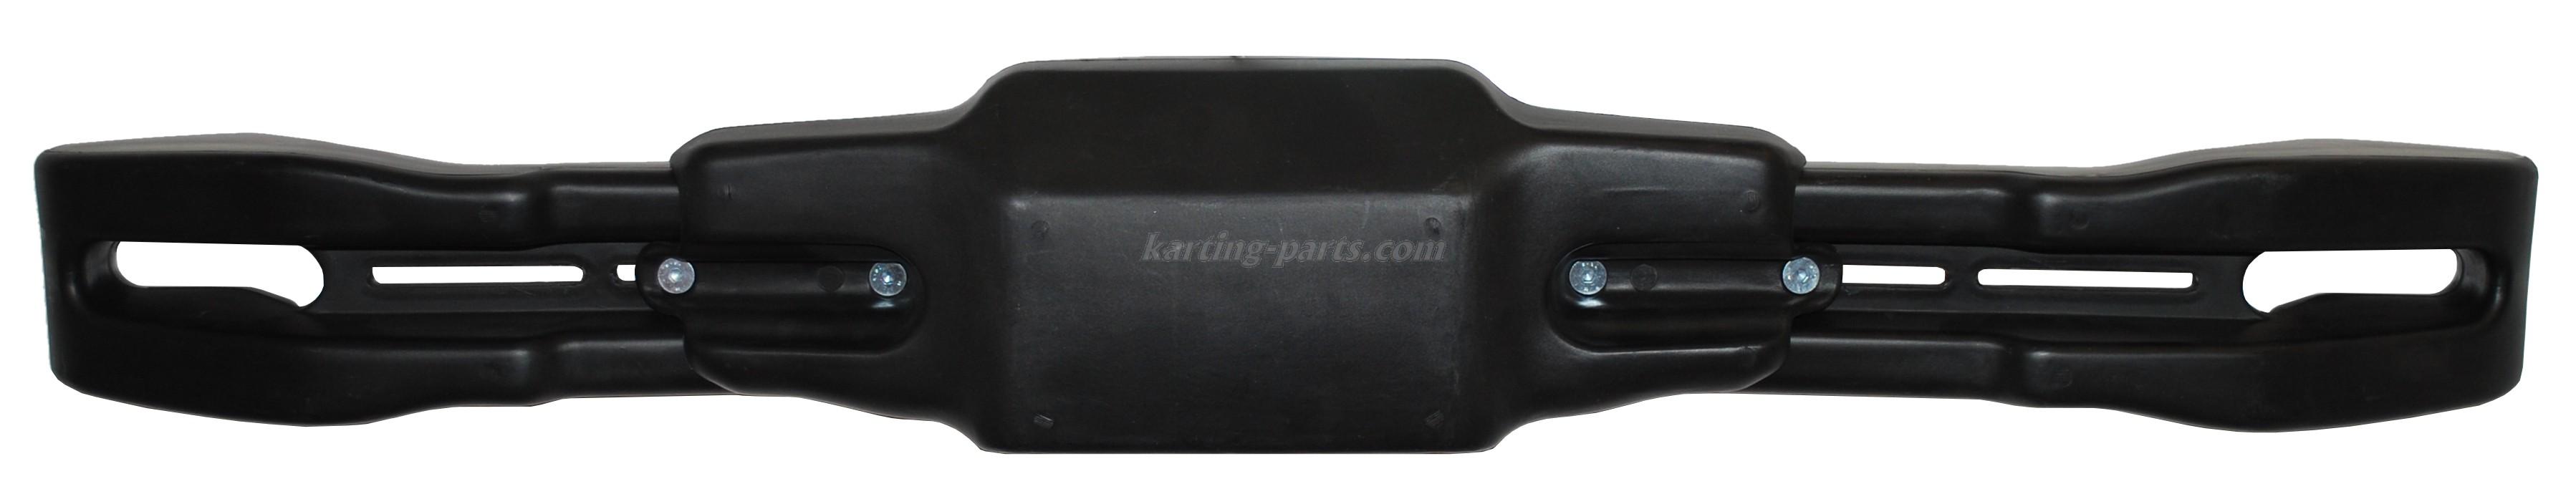 Rear spoiler KG adjustable black. 99,5-117,5 cm